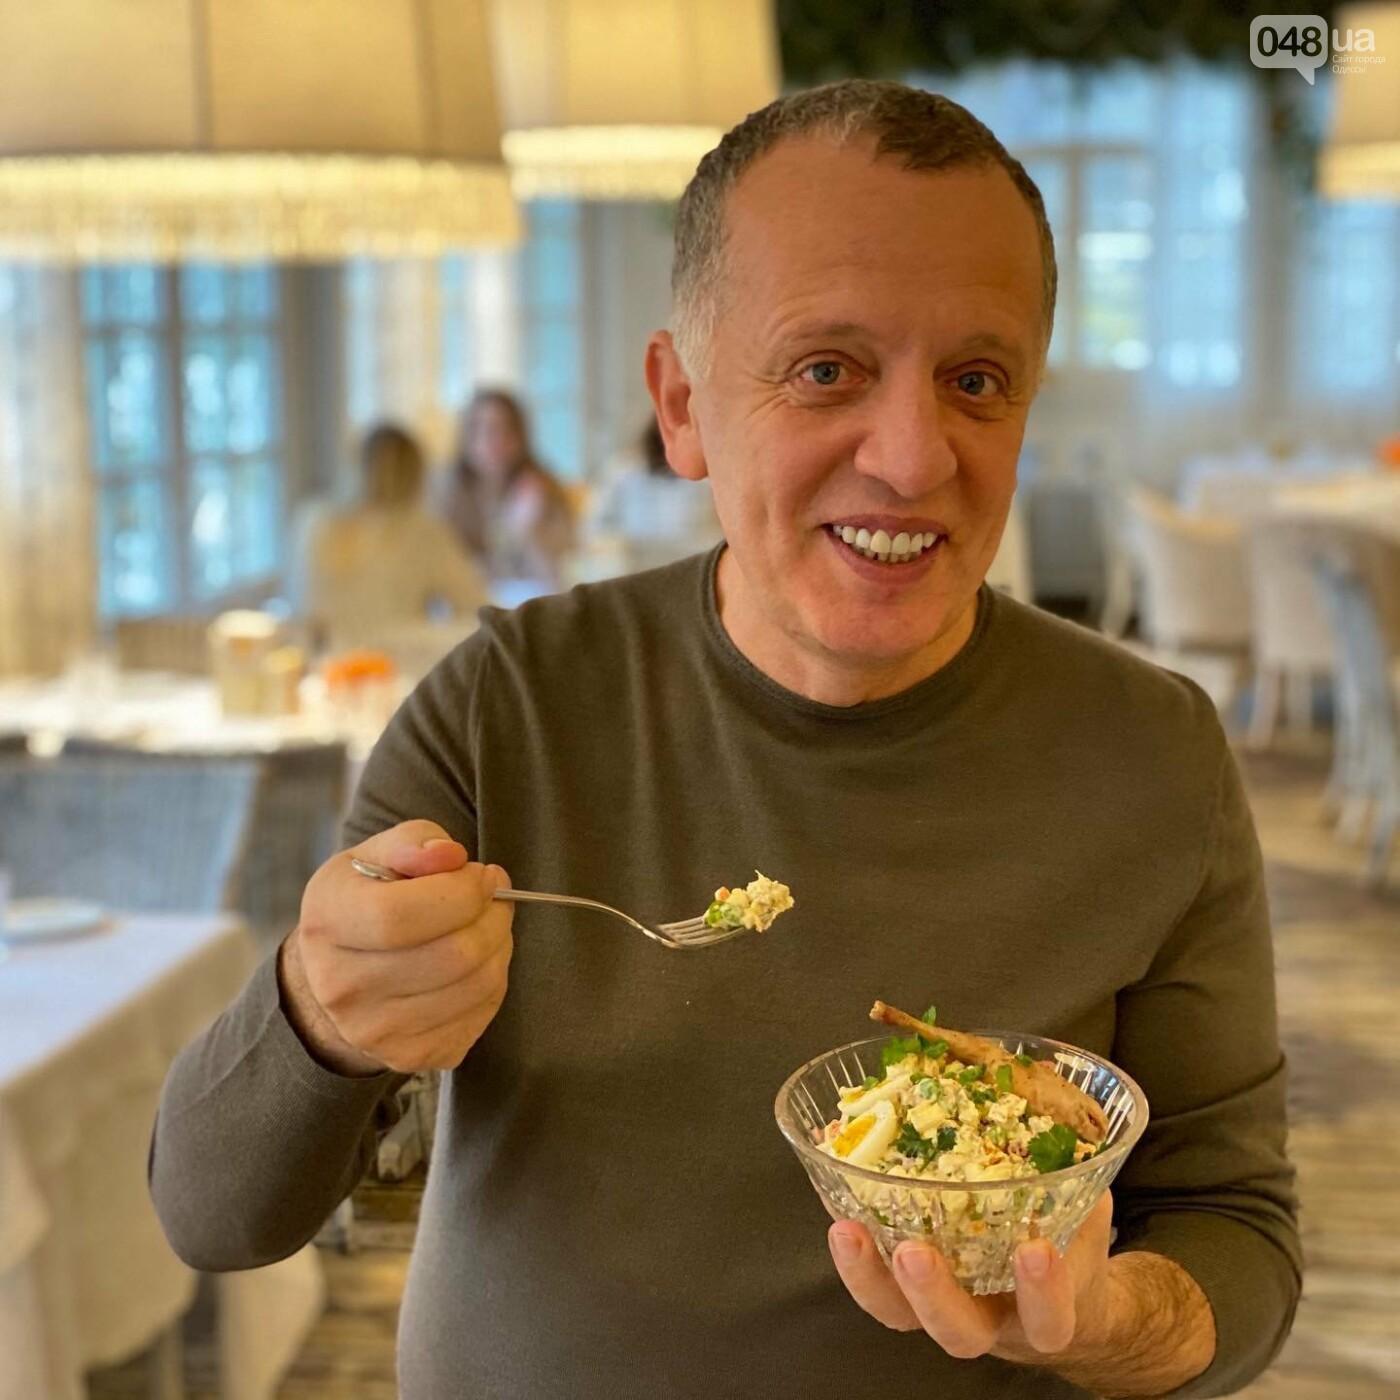 """Рецепт """"Оливье"""": готовит одесский ресторатор Савва Либкин, фото-1"""